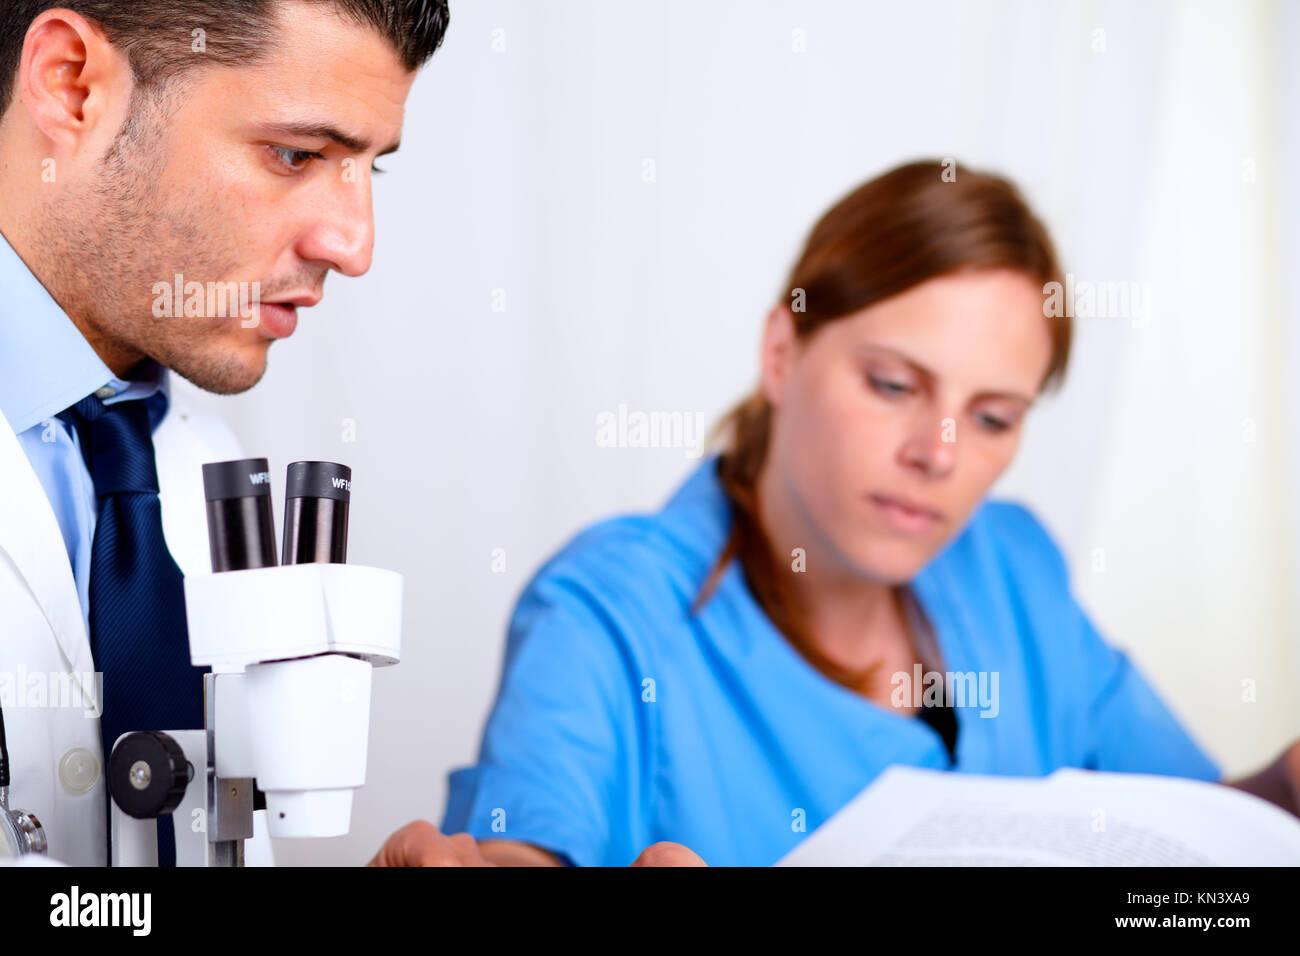 Portrait de deux collègues travaillant au laboratoire à l'intérieur de l'hôpital. Photo Stock